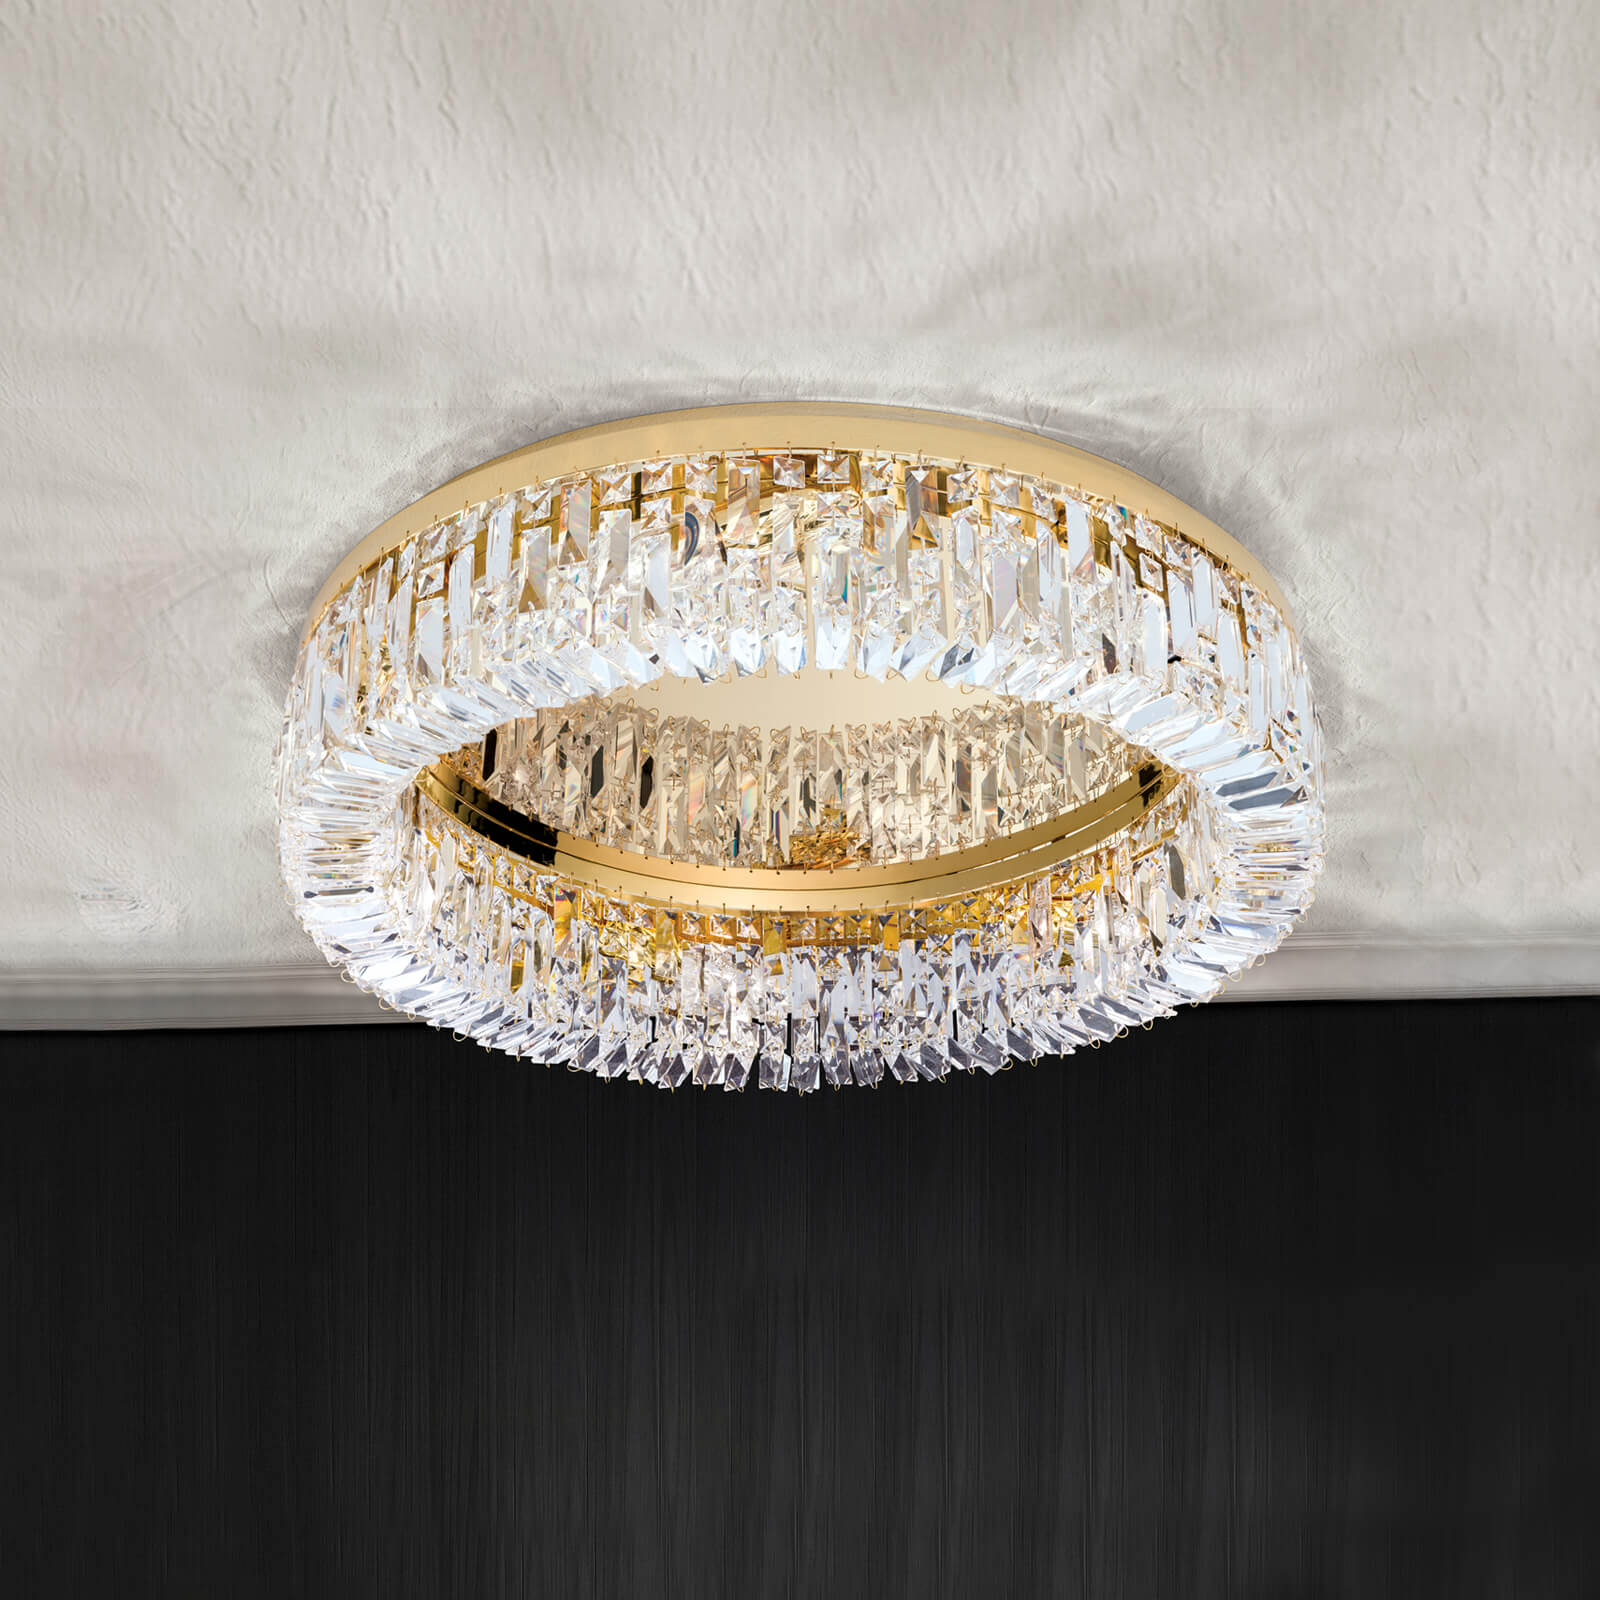 Taklampe Ring i krystall - 59 cm